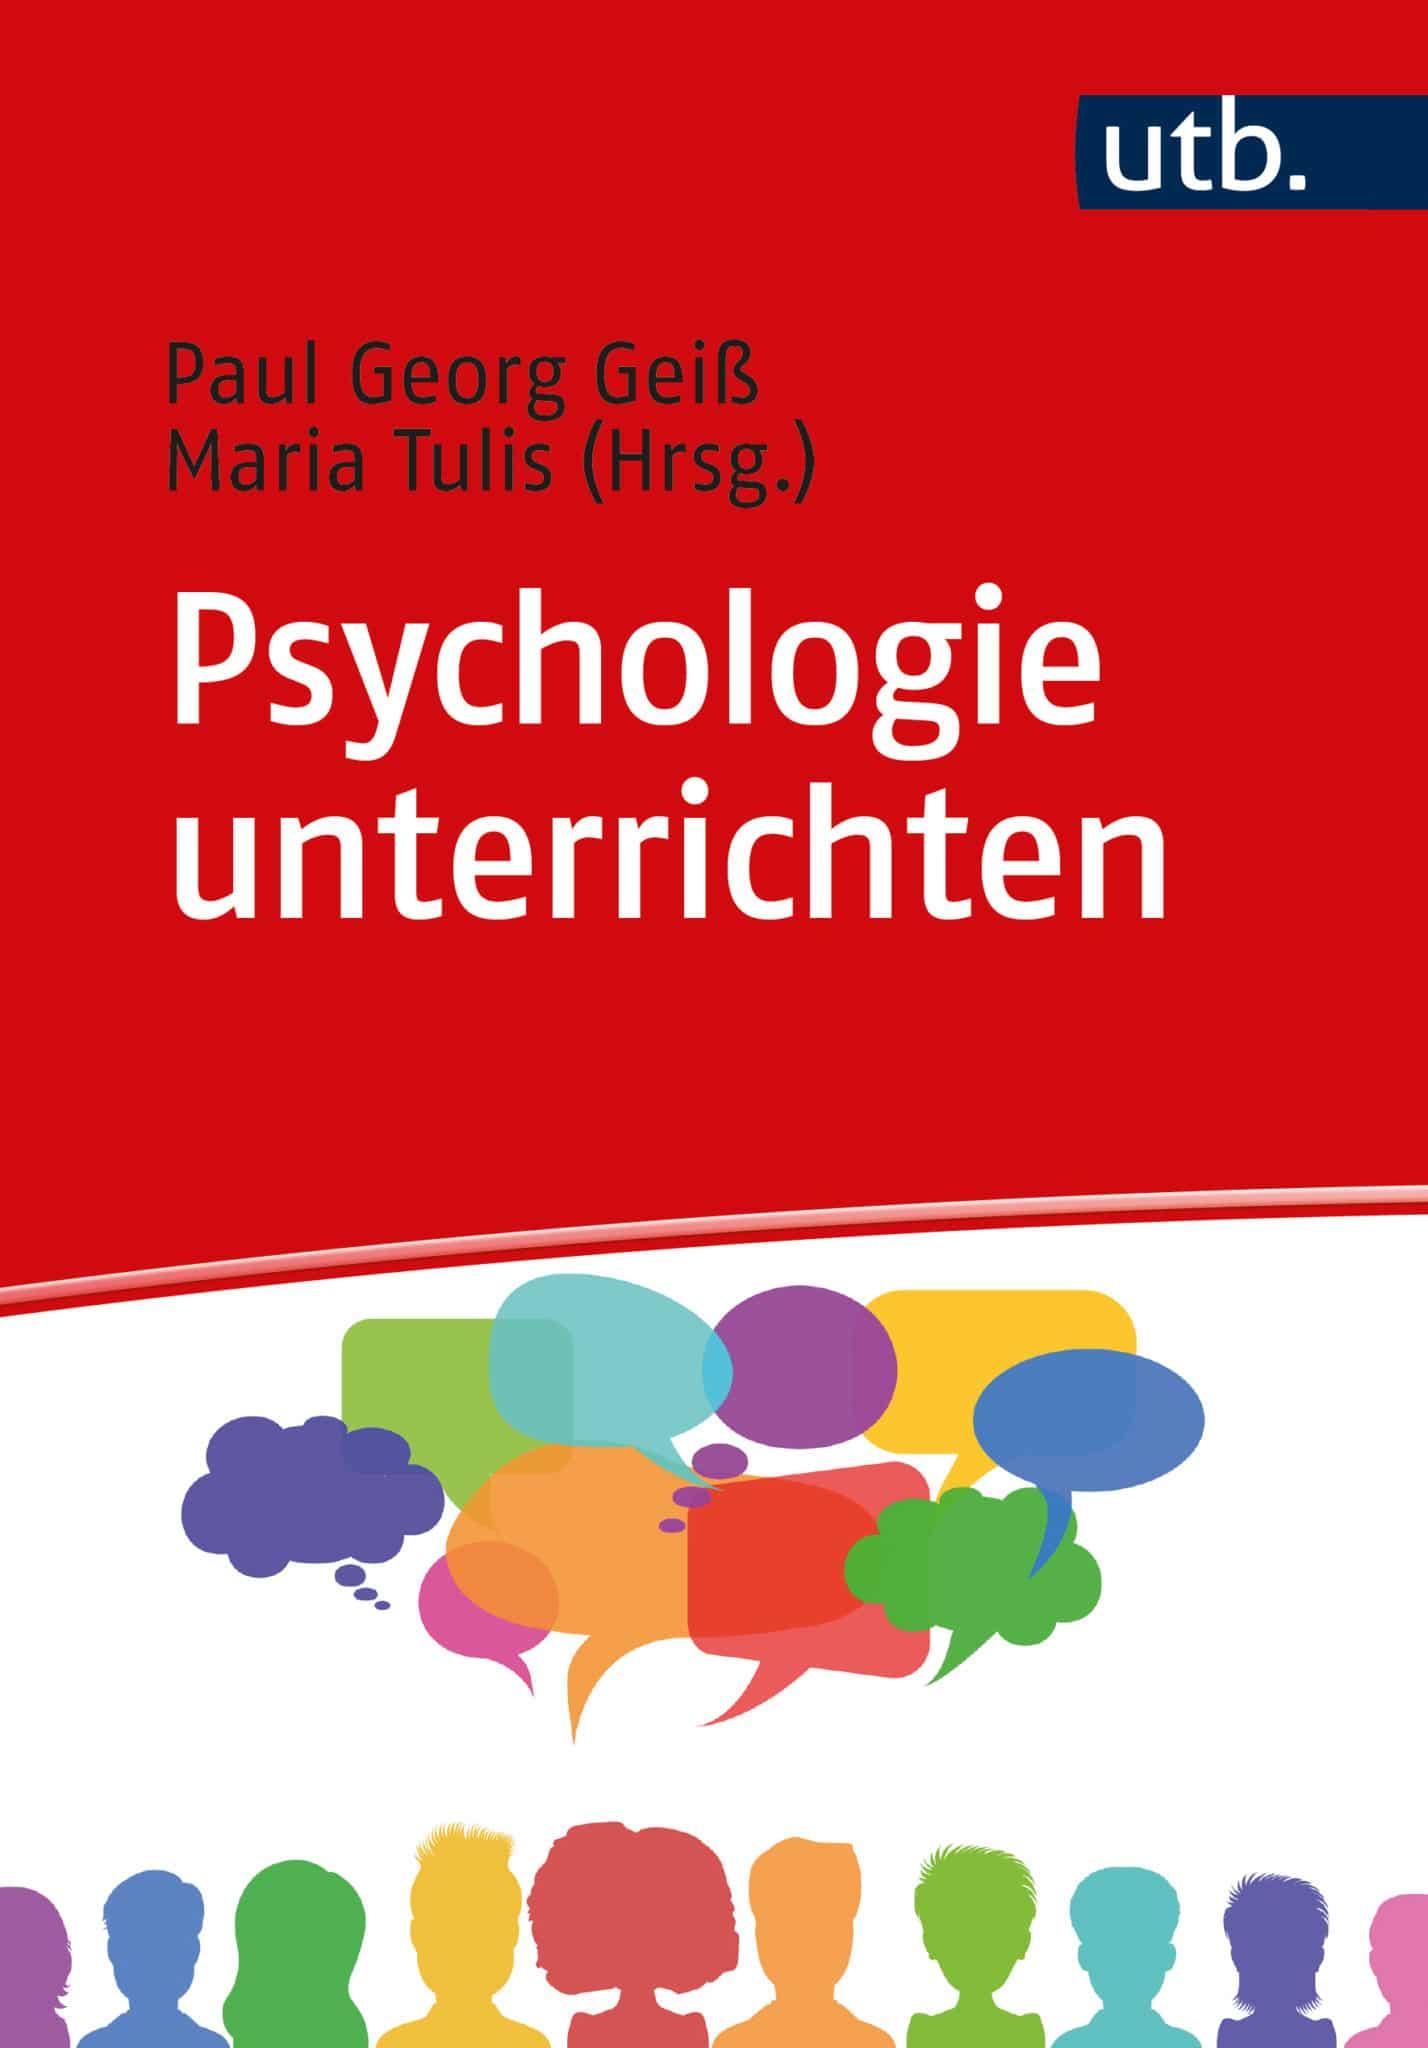 Geiß/Tulis (Hrsg.): Psychologie unterrichten. Fachdidaktische Grundlagen für Deutschland, Österreich und die Schweiz. UTB